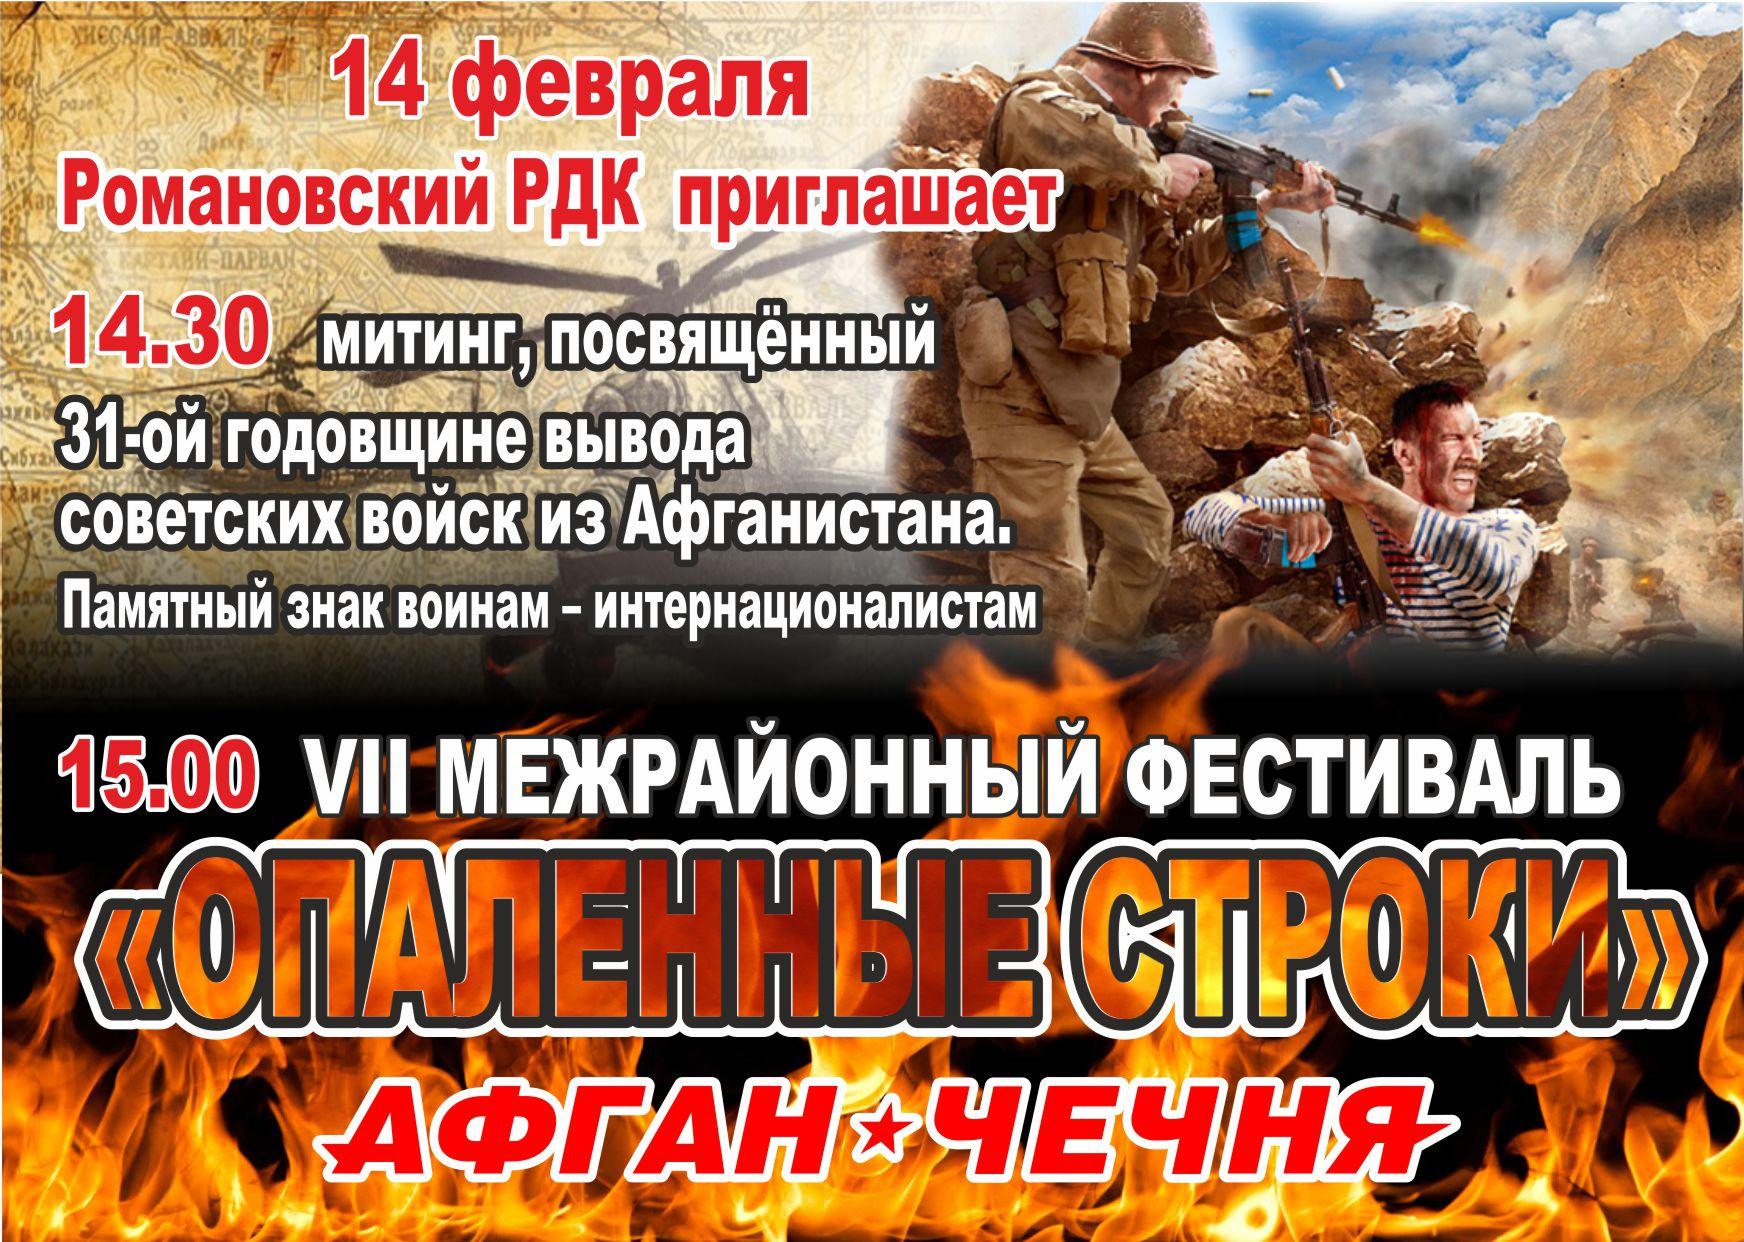 Романовский РДК приглашает на митинг